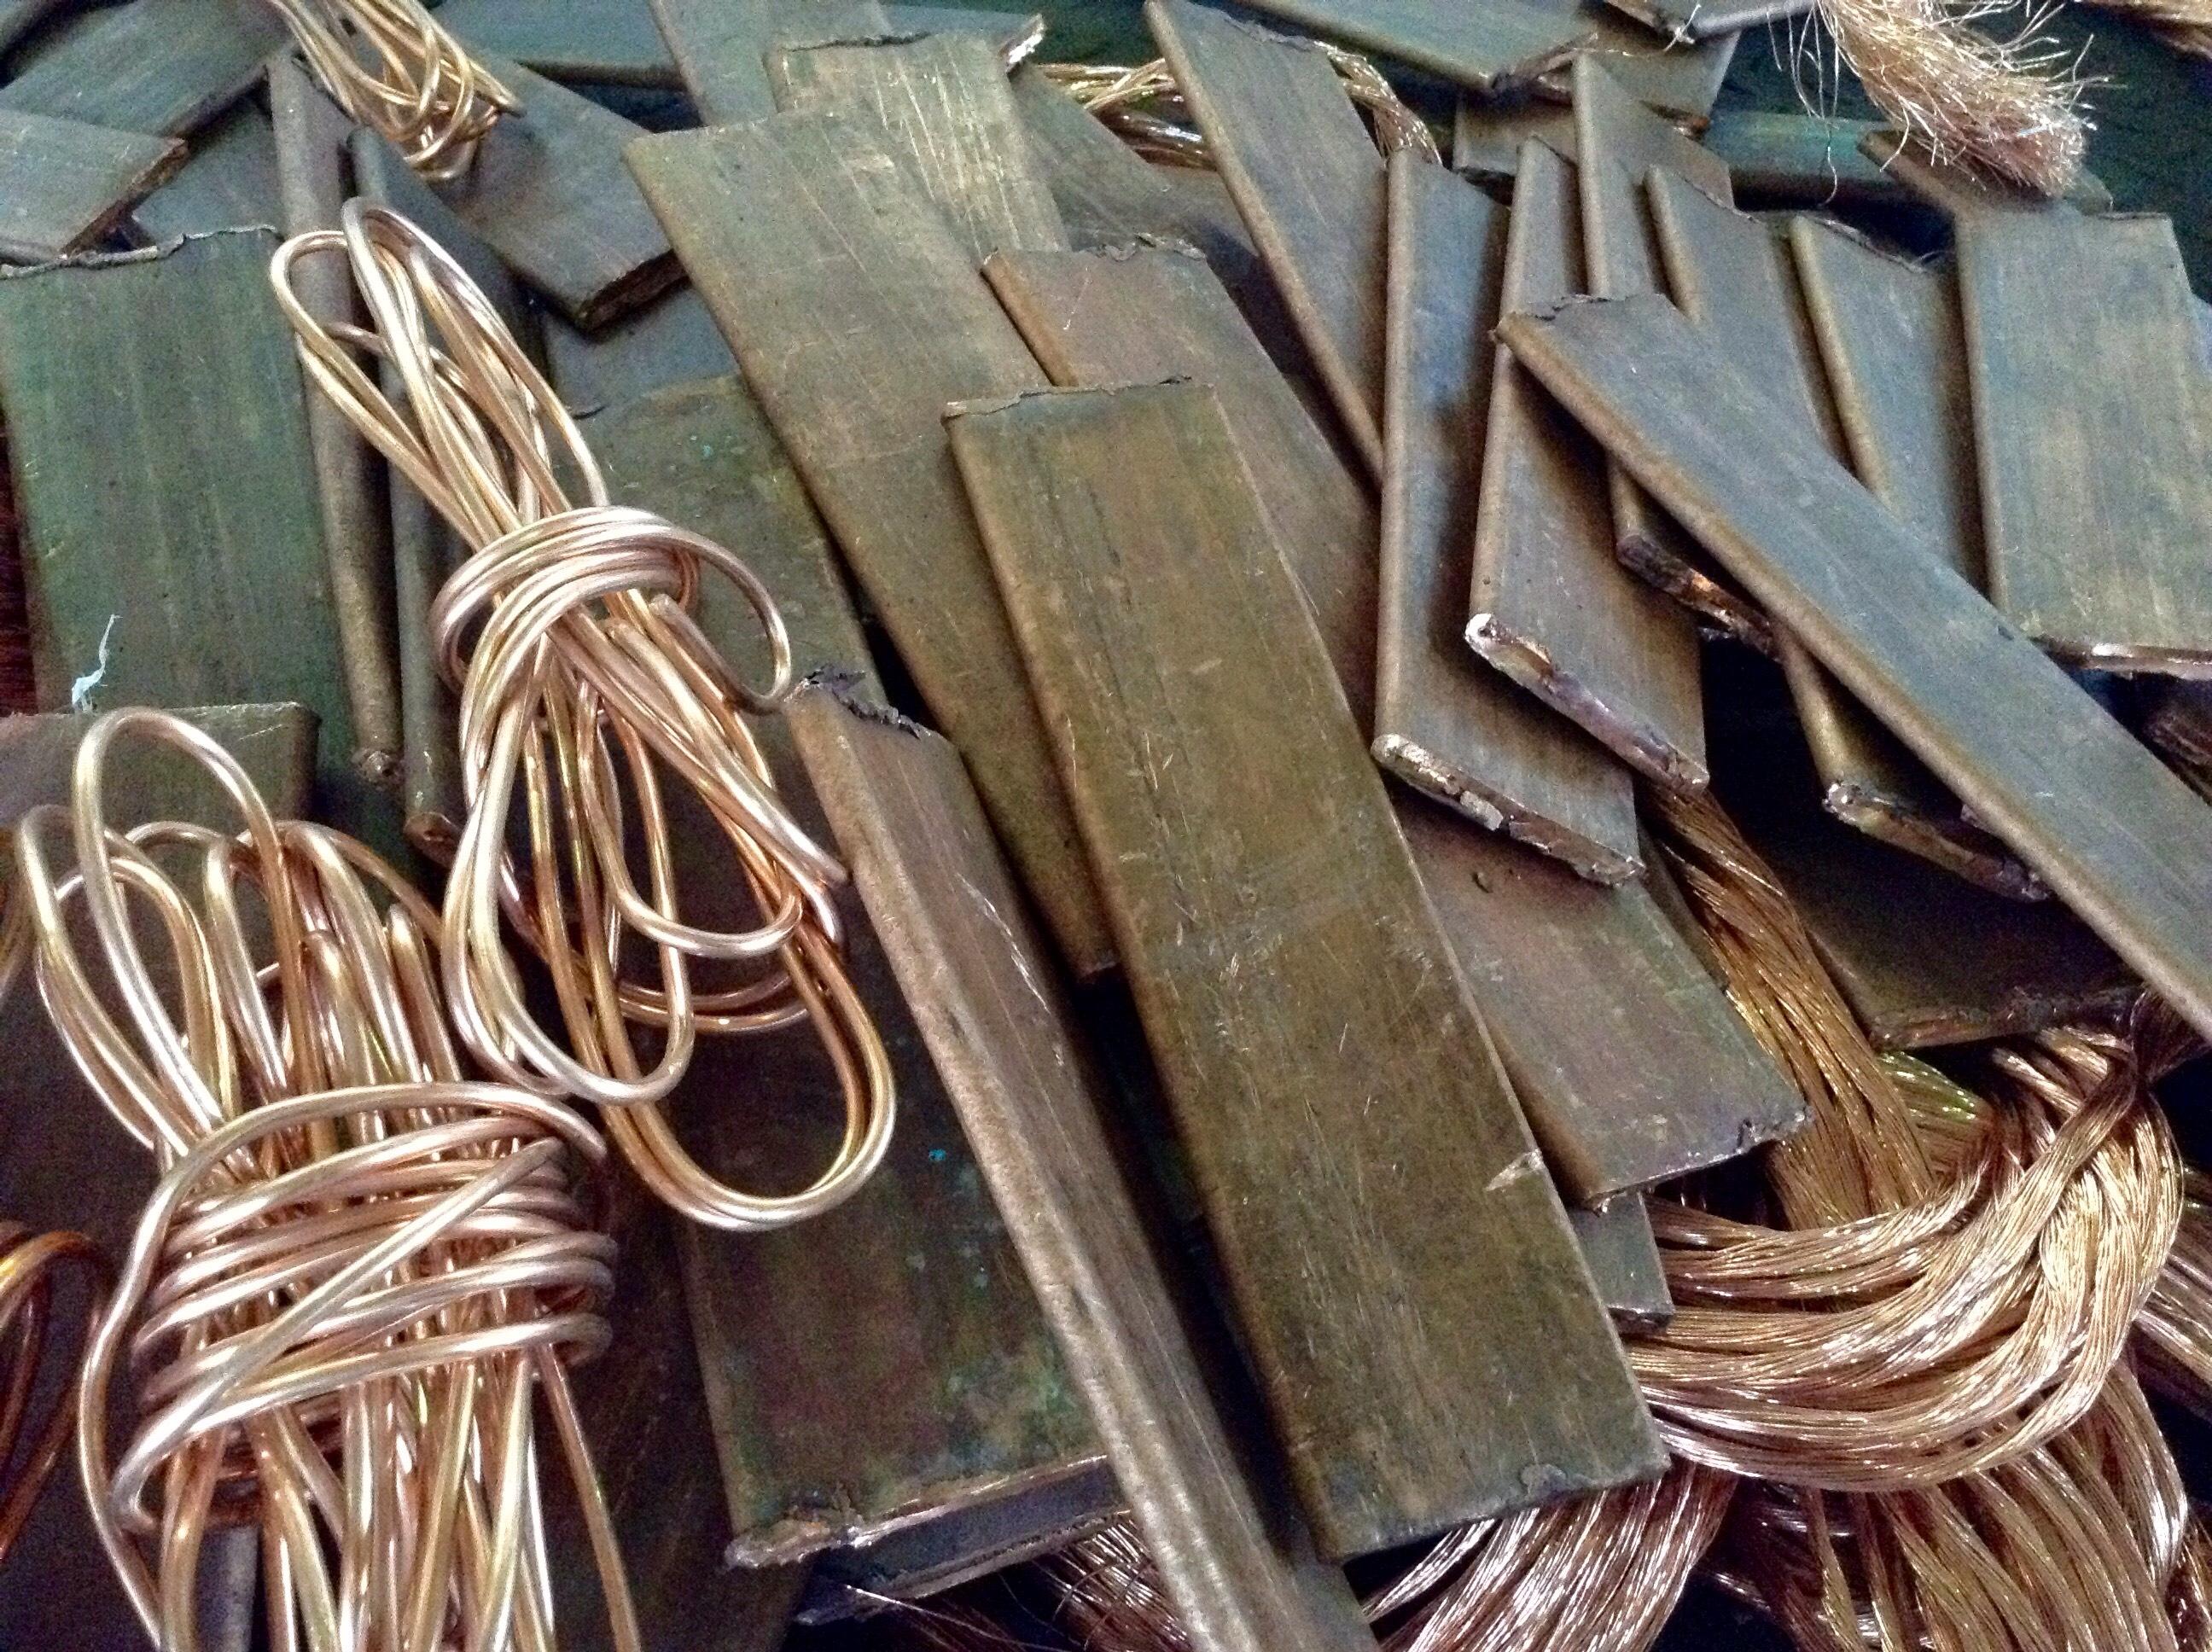 Прием лома меди в казани цена металлолом 2018 в Дубна